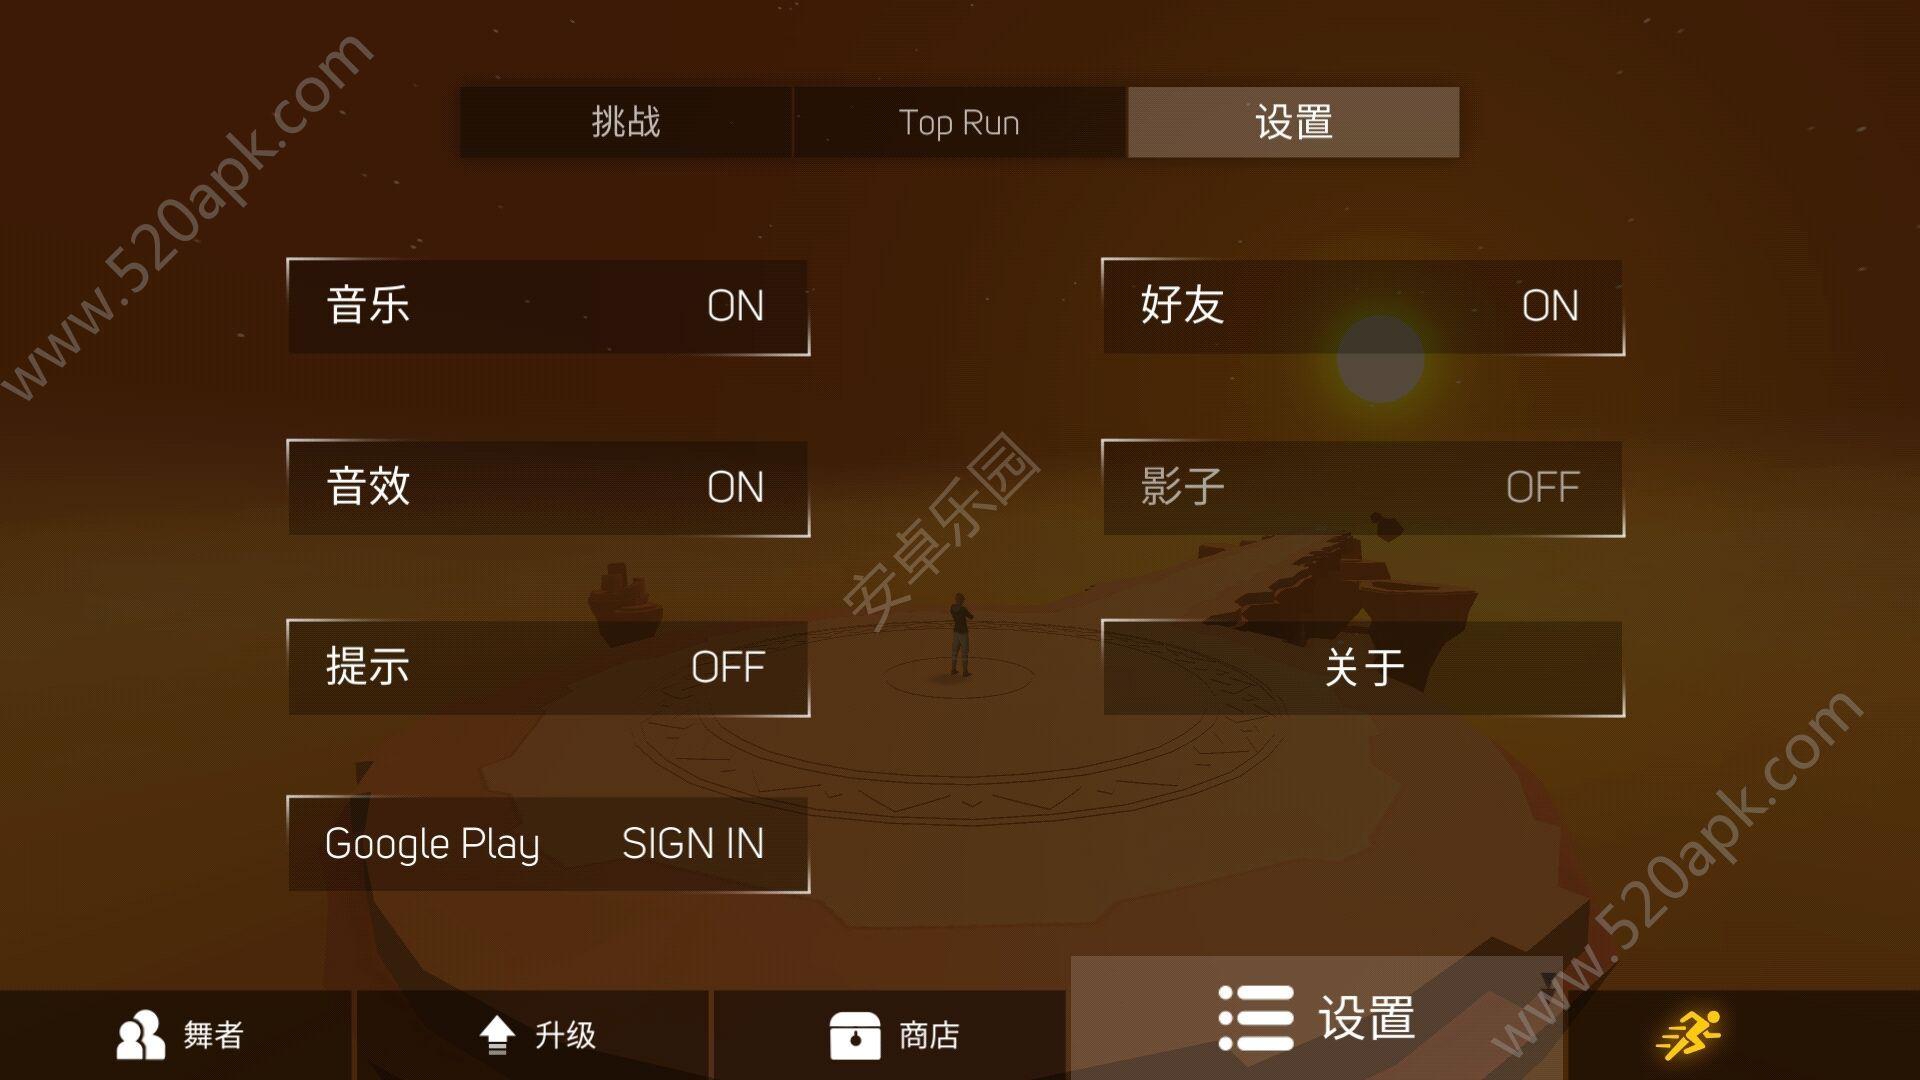 空中舞者3.4.2最新版无限金币内购修改版(Sky Dancer)图3: